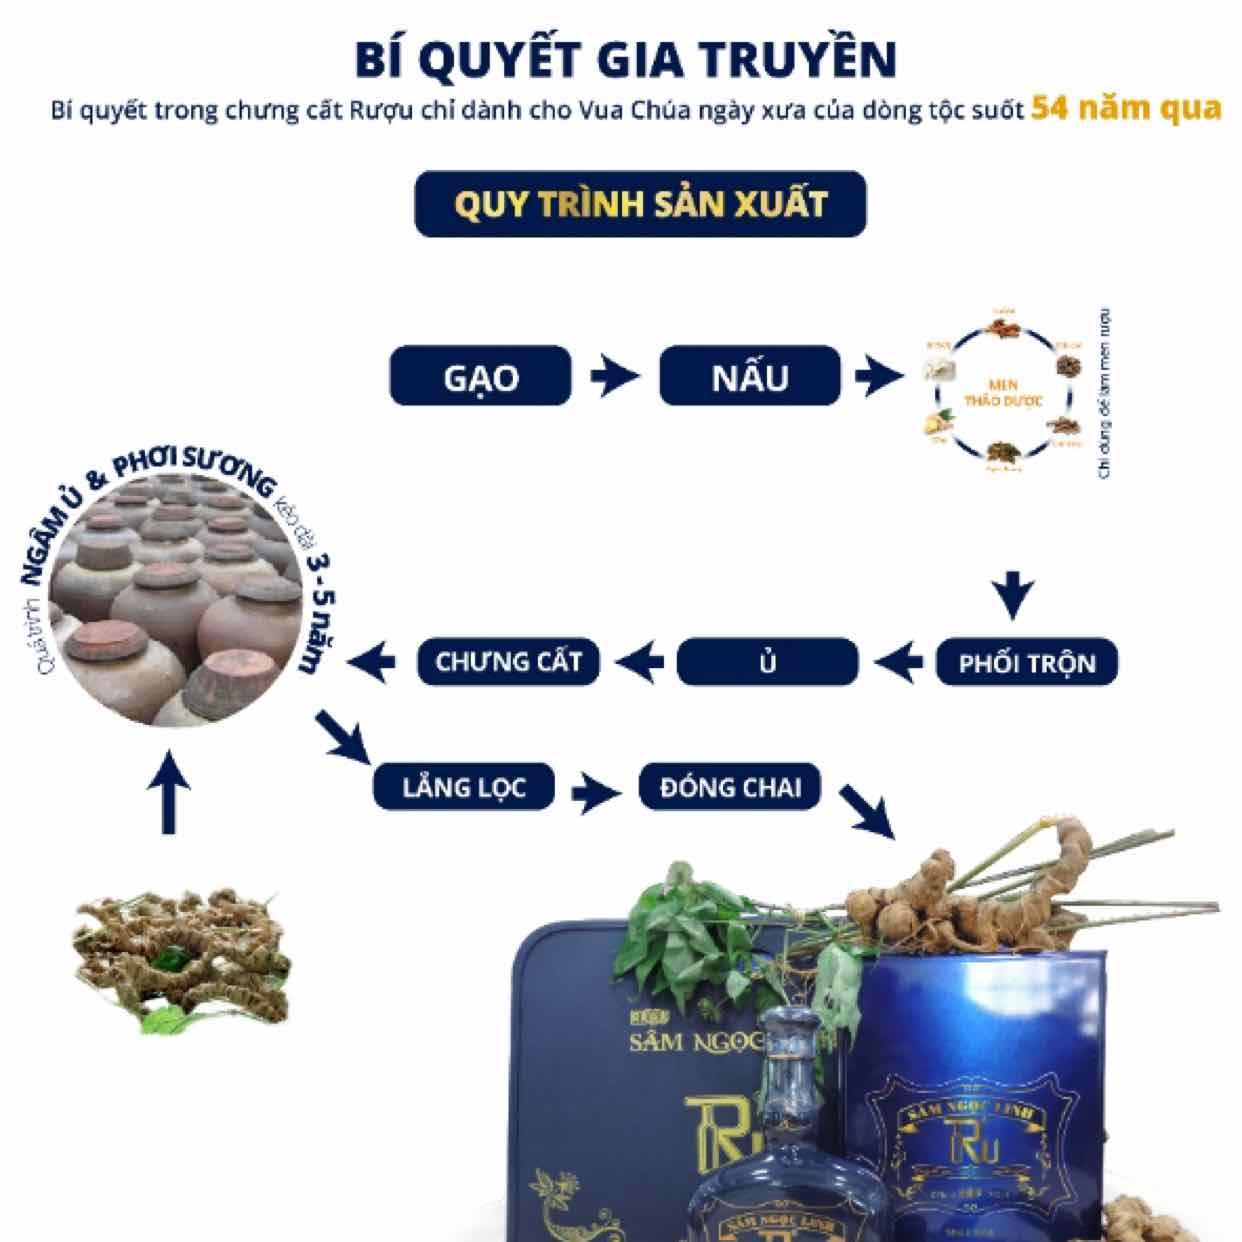 Việt Nam có sâm tốt nhất thế giới, 'khắc tinh' của ung thư.